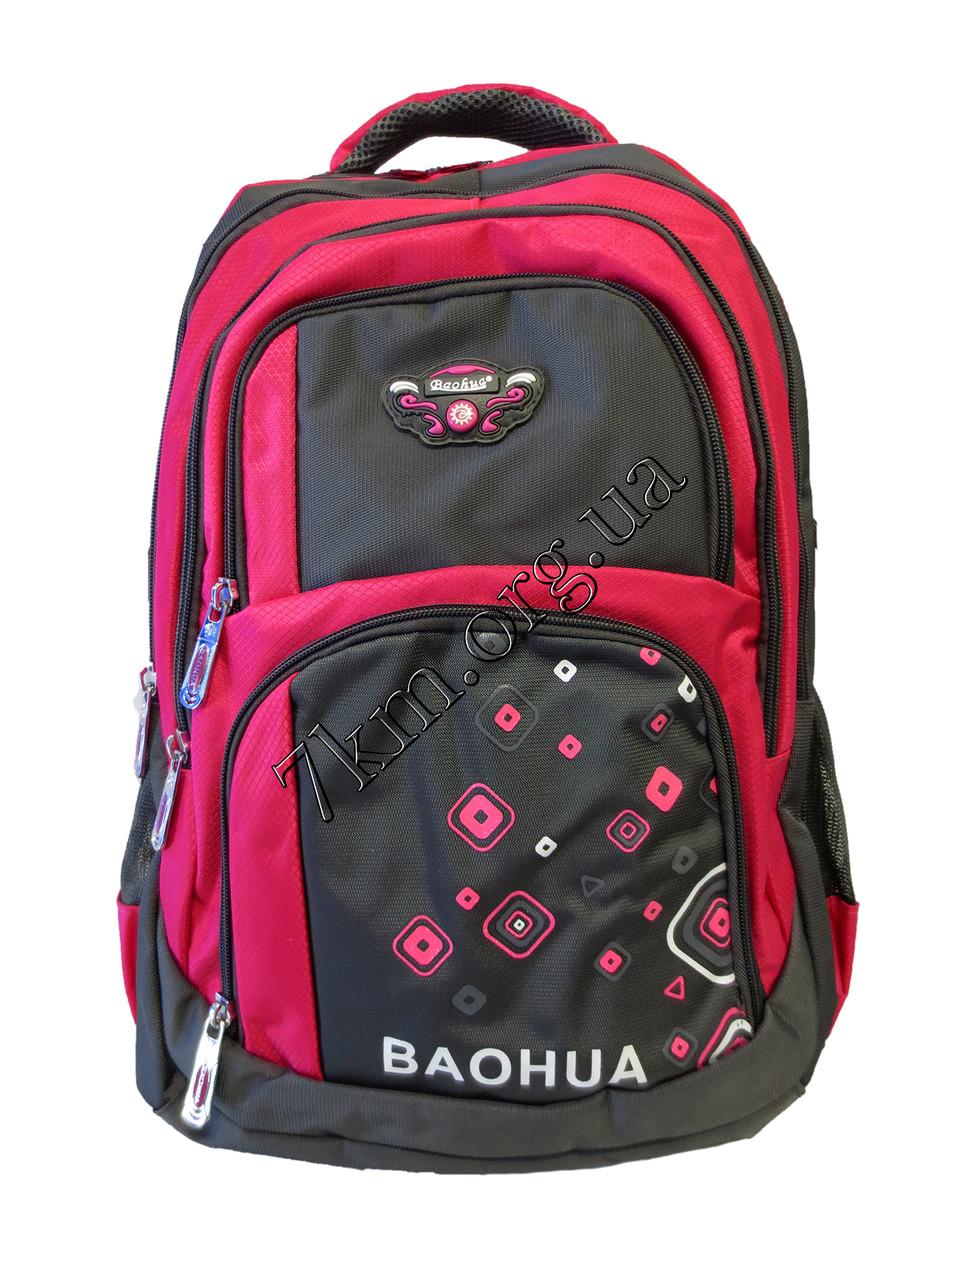 Школьный рюкзак для девочек Baohua CR BH 0142 (45х32см.)